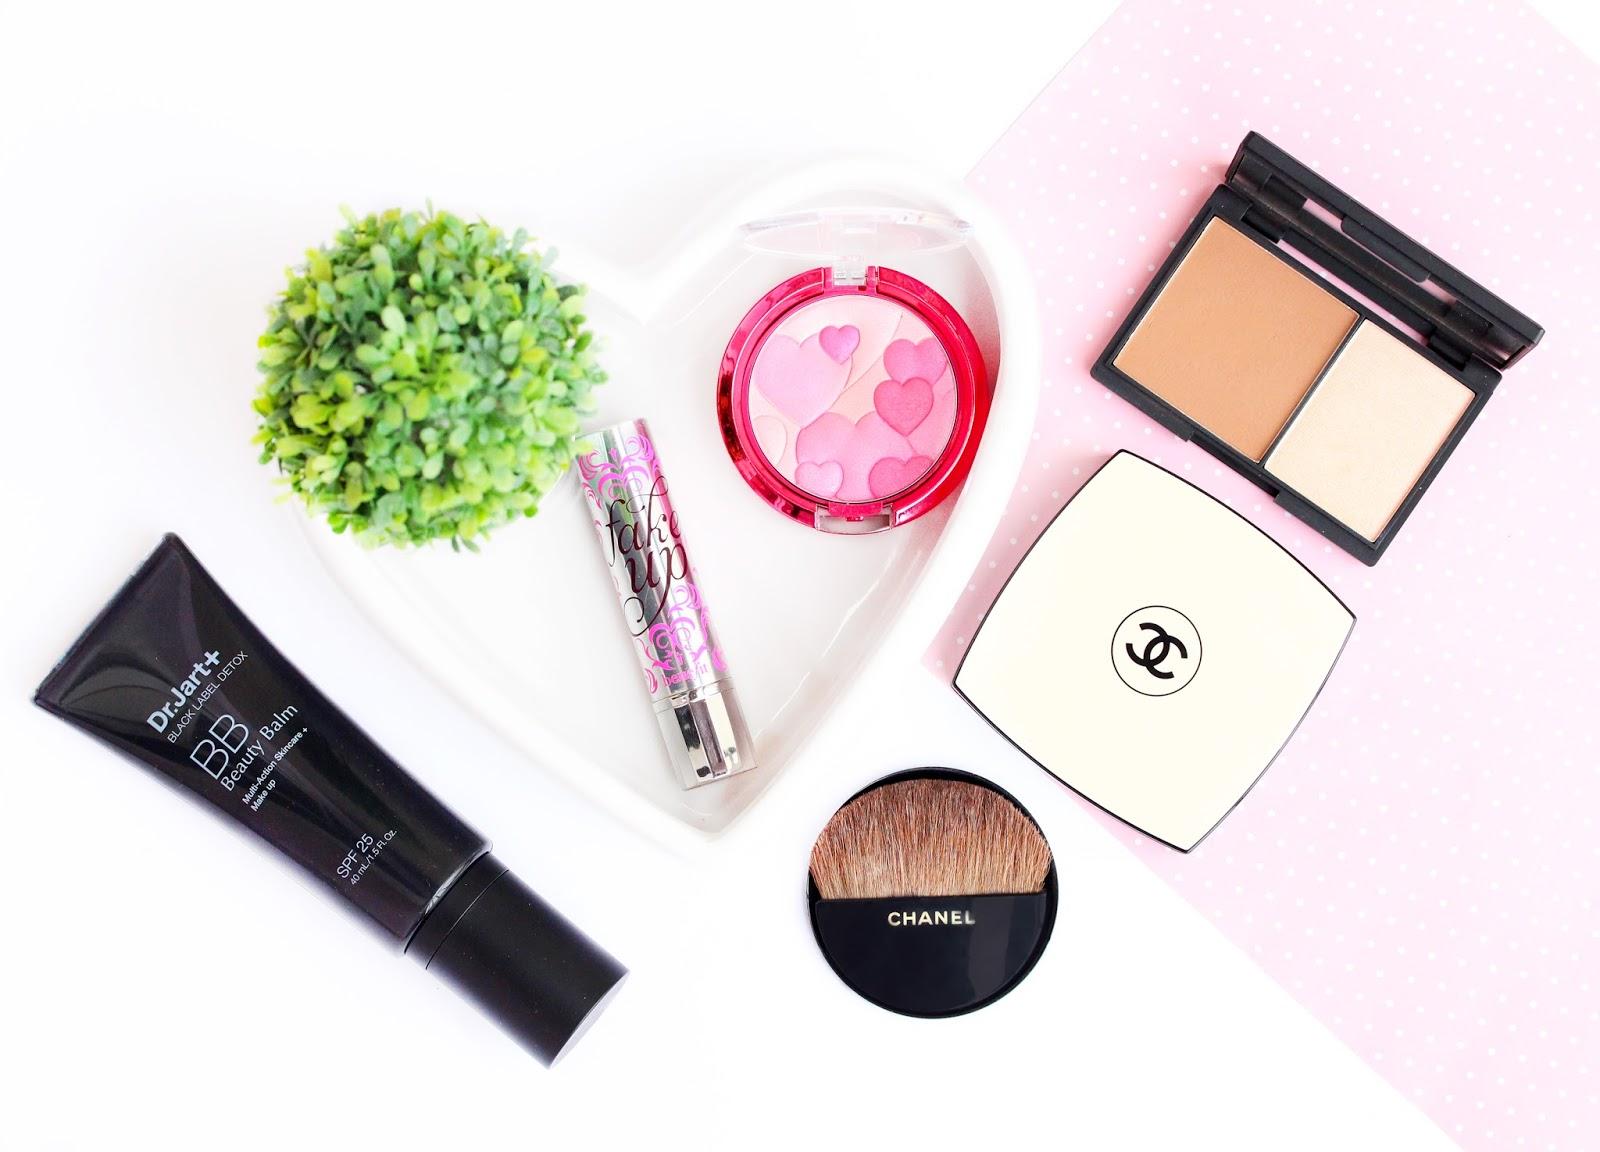 No makeup makeup products